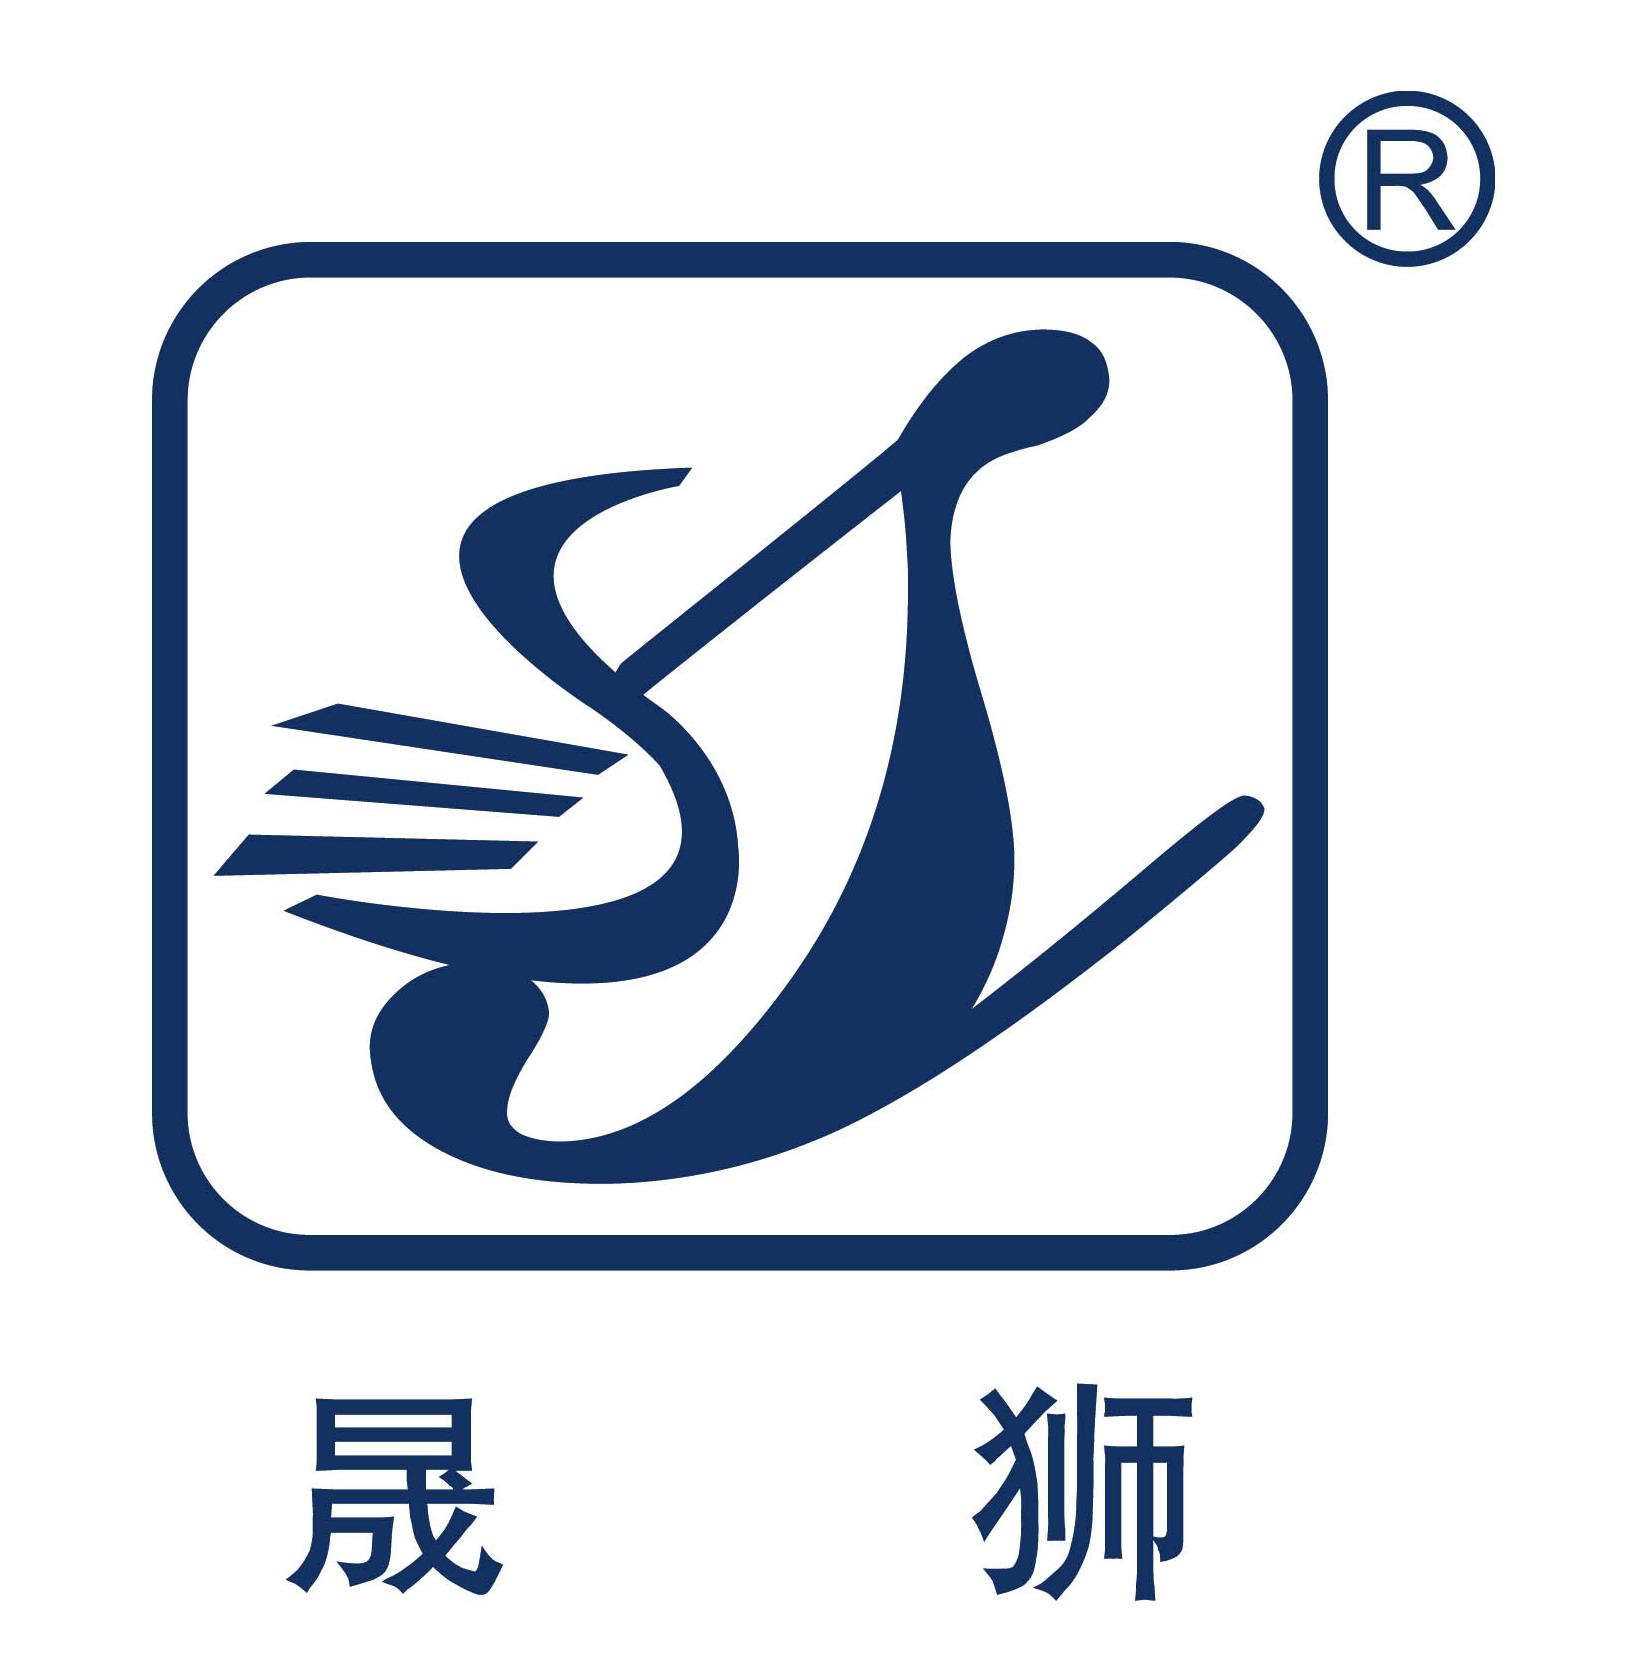 江苏晟狮铝业有限公司